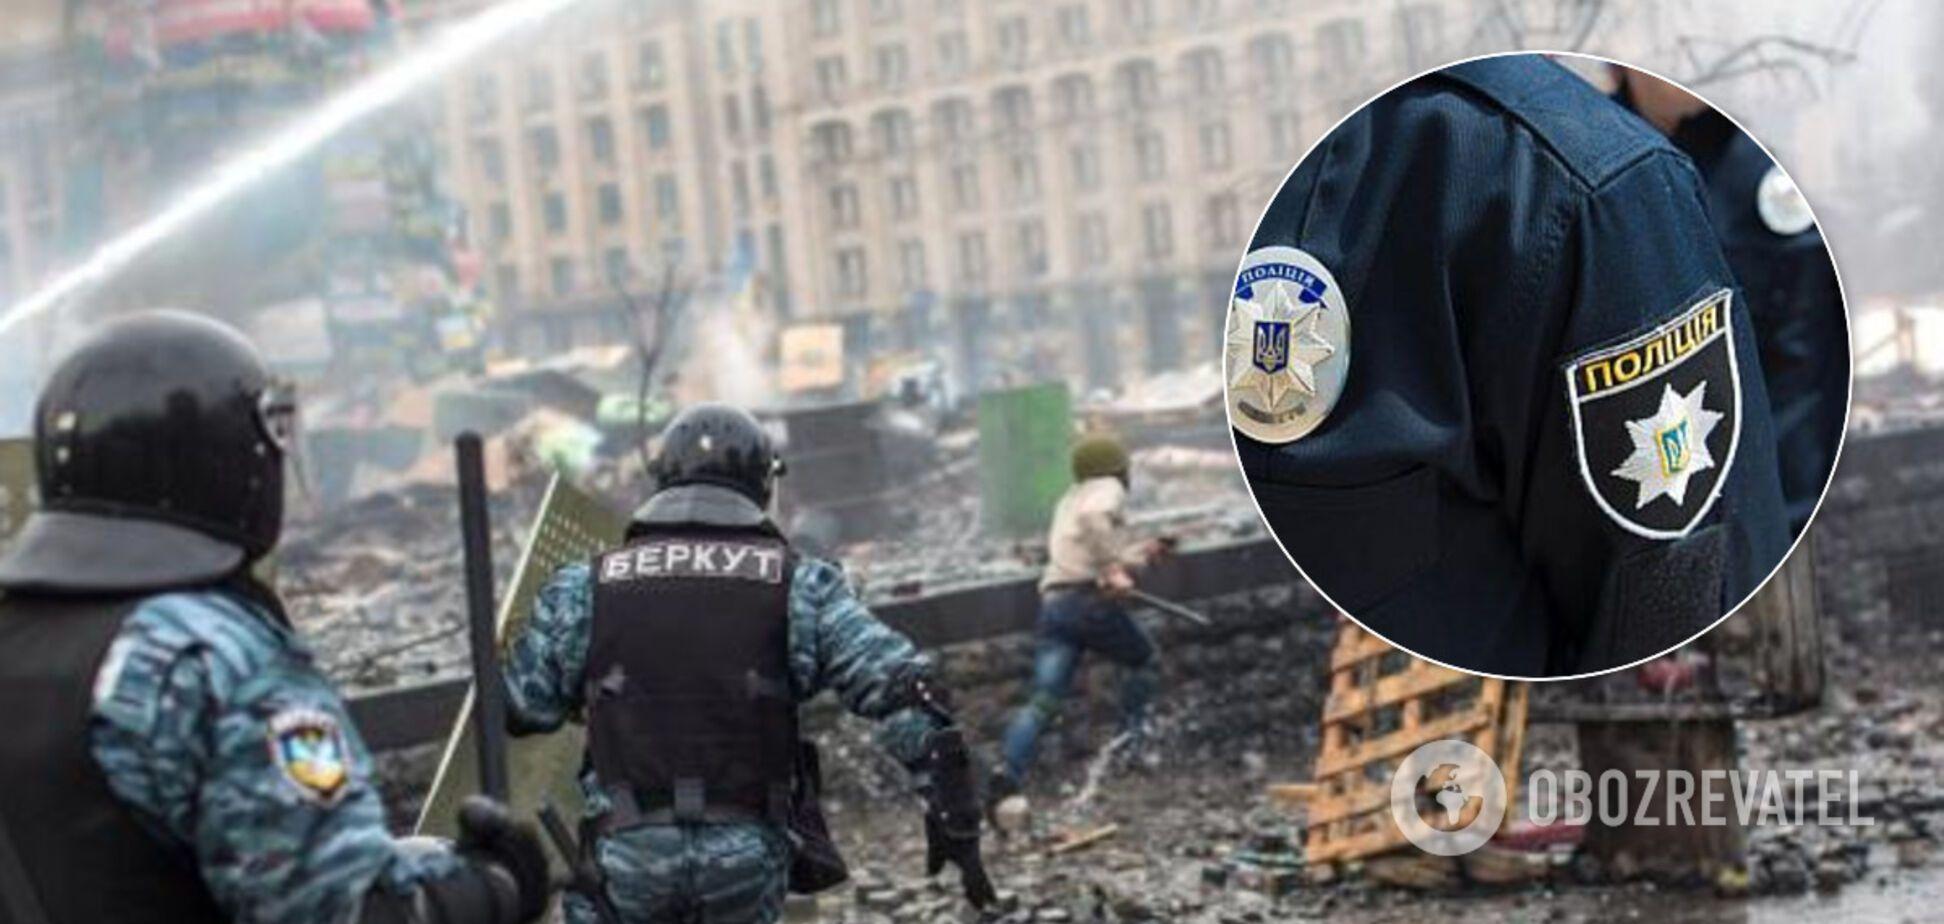 'Дело Майдана': главе отдела Нацполиции Киева объявили подозрение